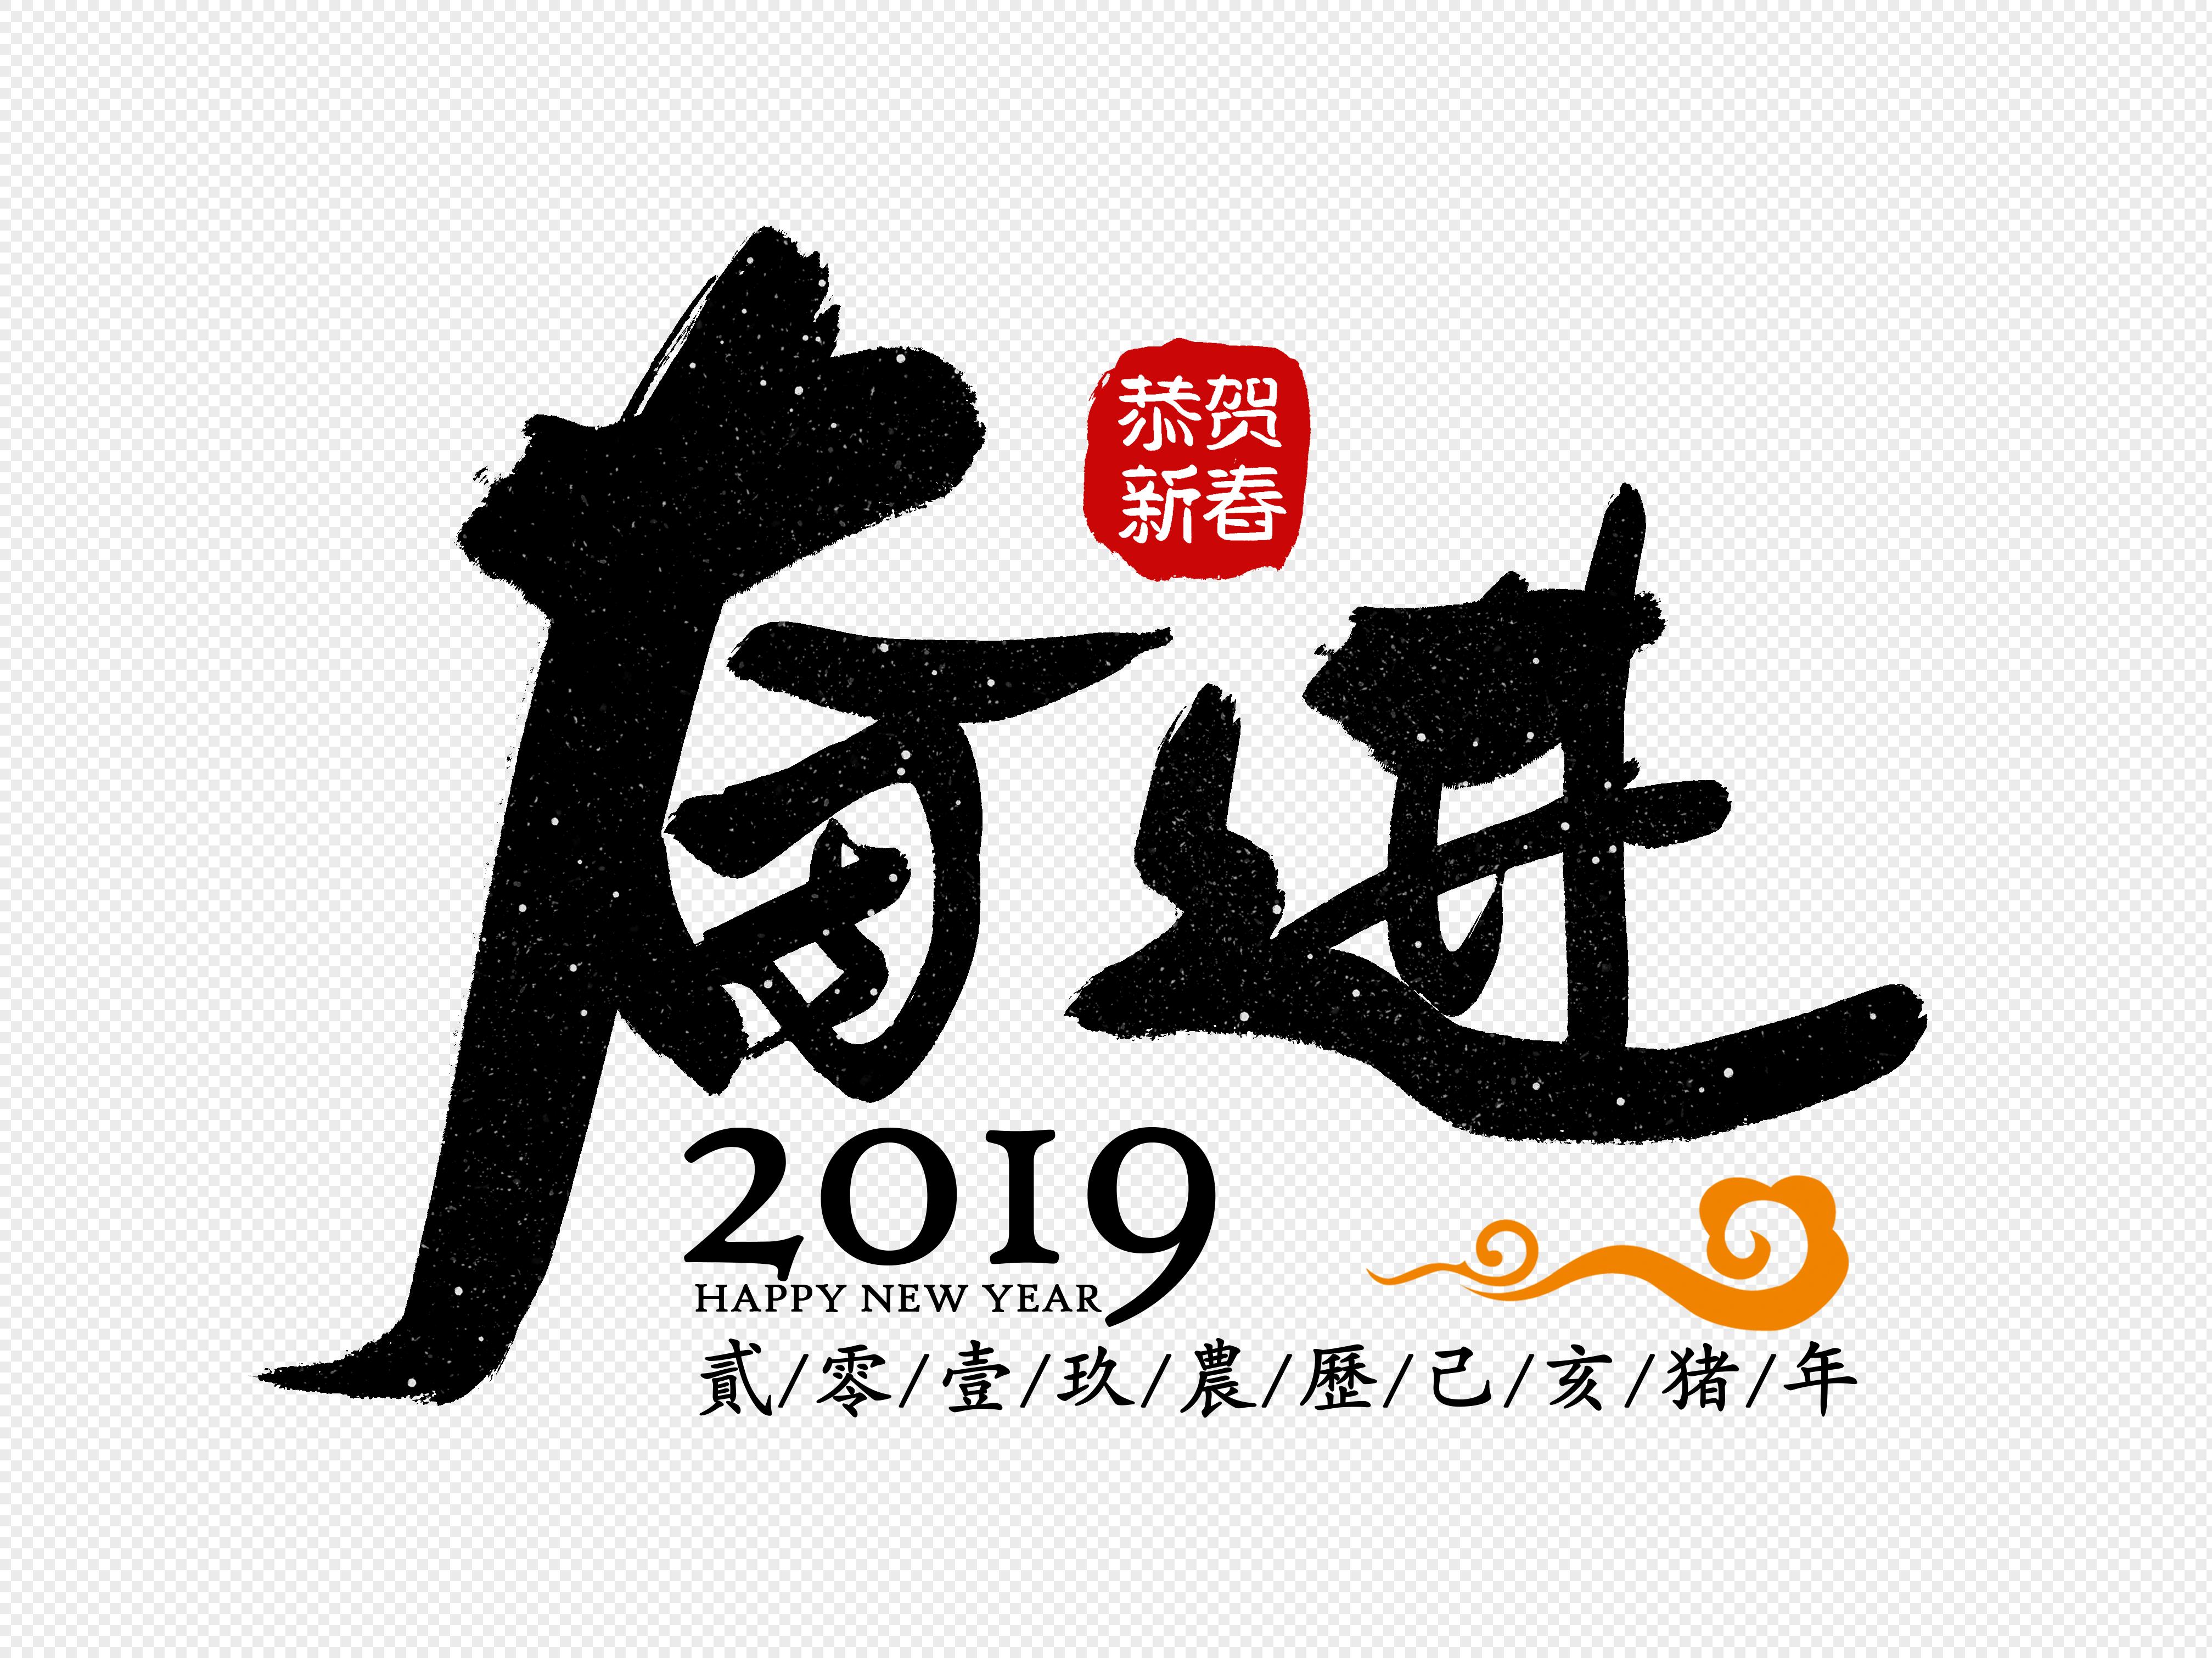 奋进企业励志字体图片素材编号400908784_prf高清图片